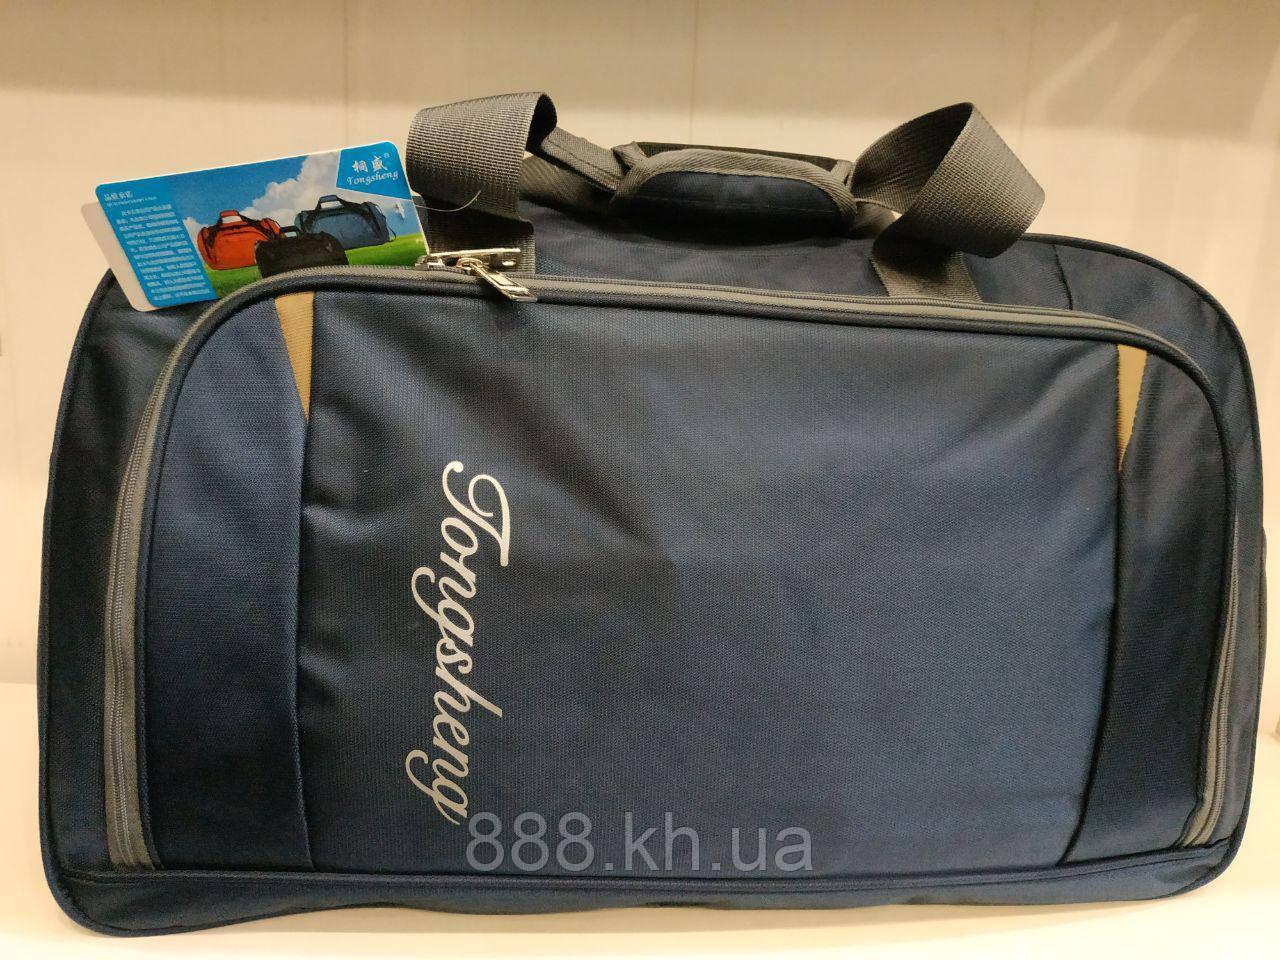 Дорожная универсальная сумка, сумка для поездок, дорожная сумка (синий)